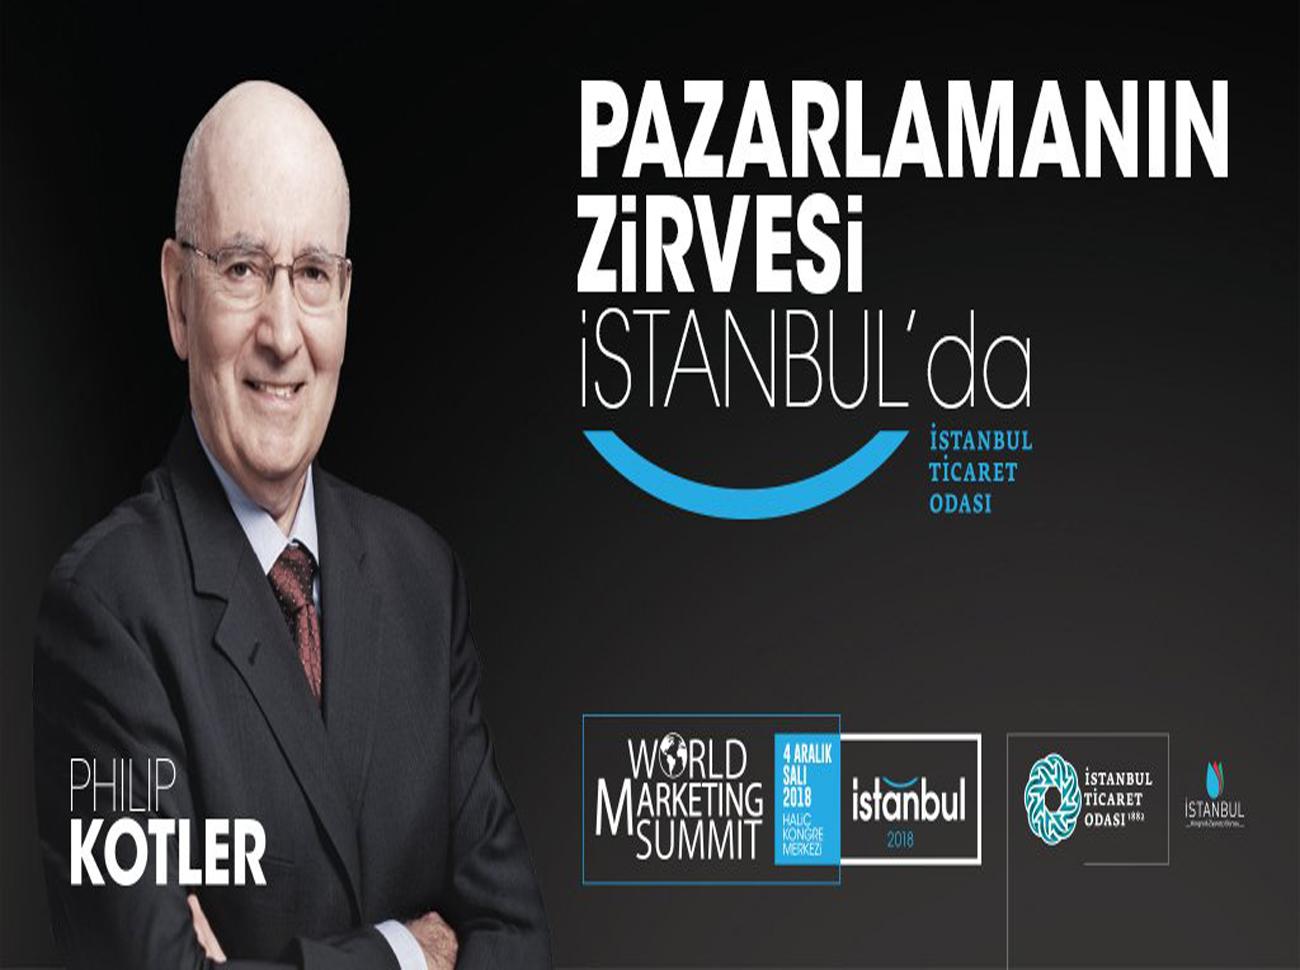 Pazarlama'nın Gurusu Philip Kotler Türkiye'ye Geliyor